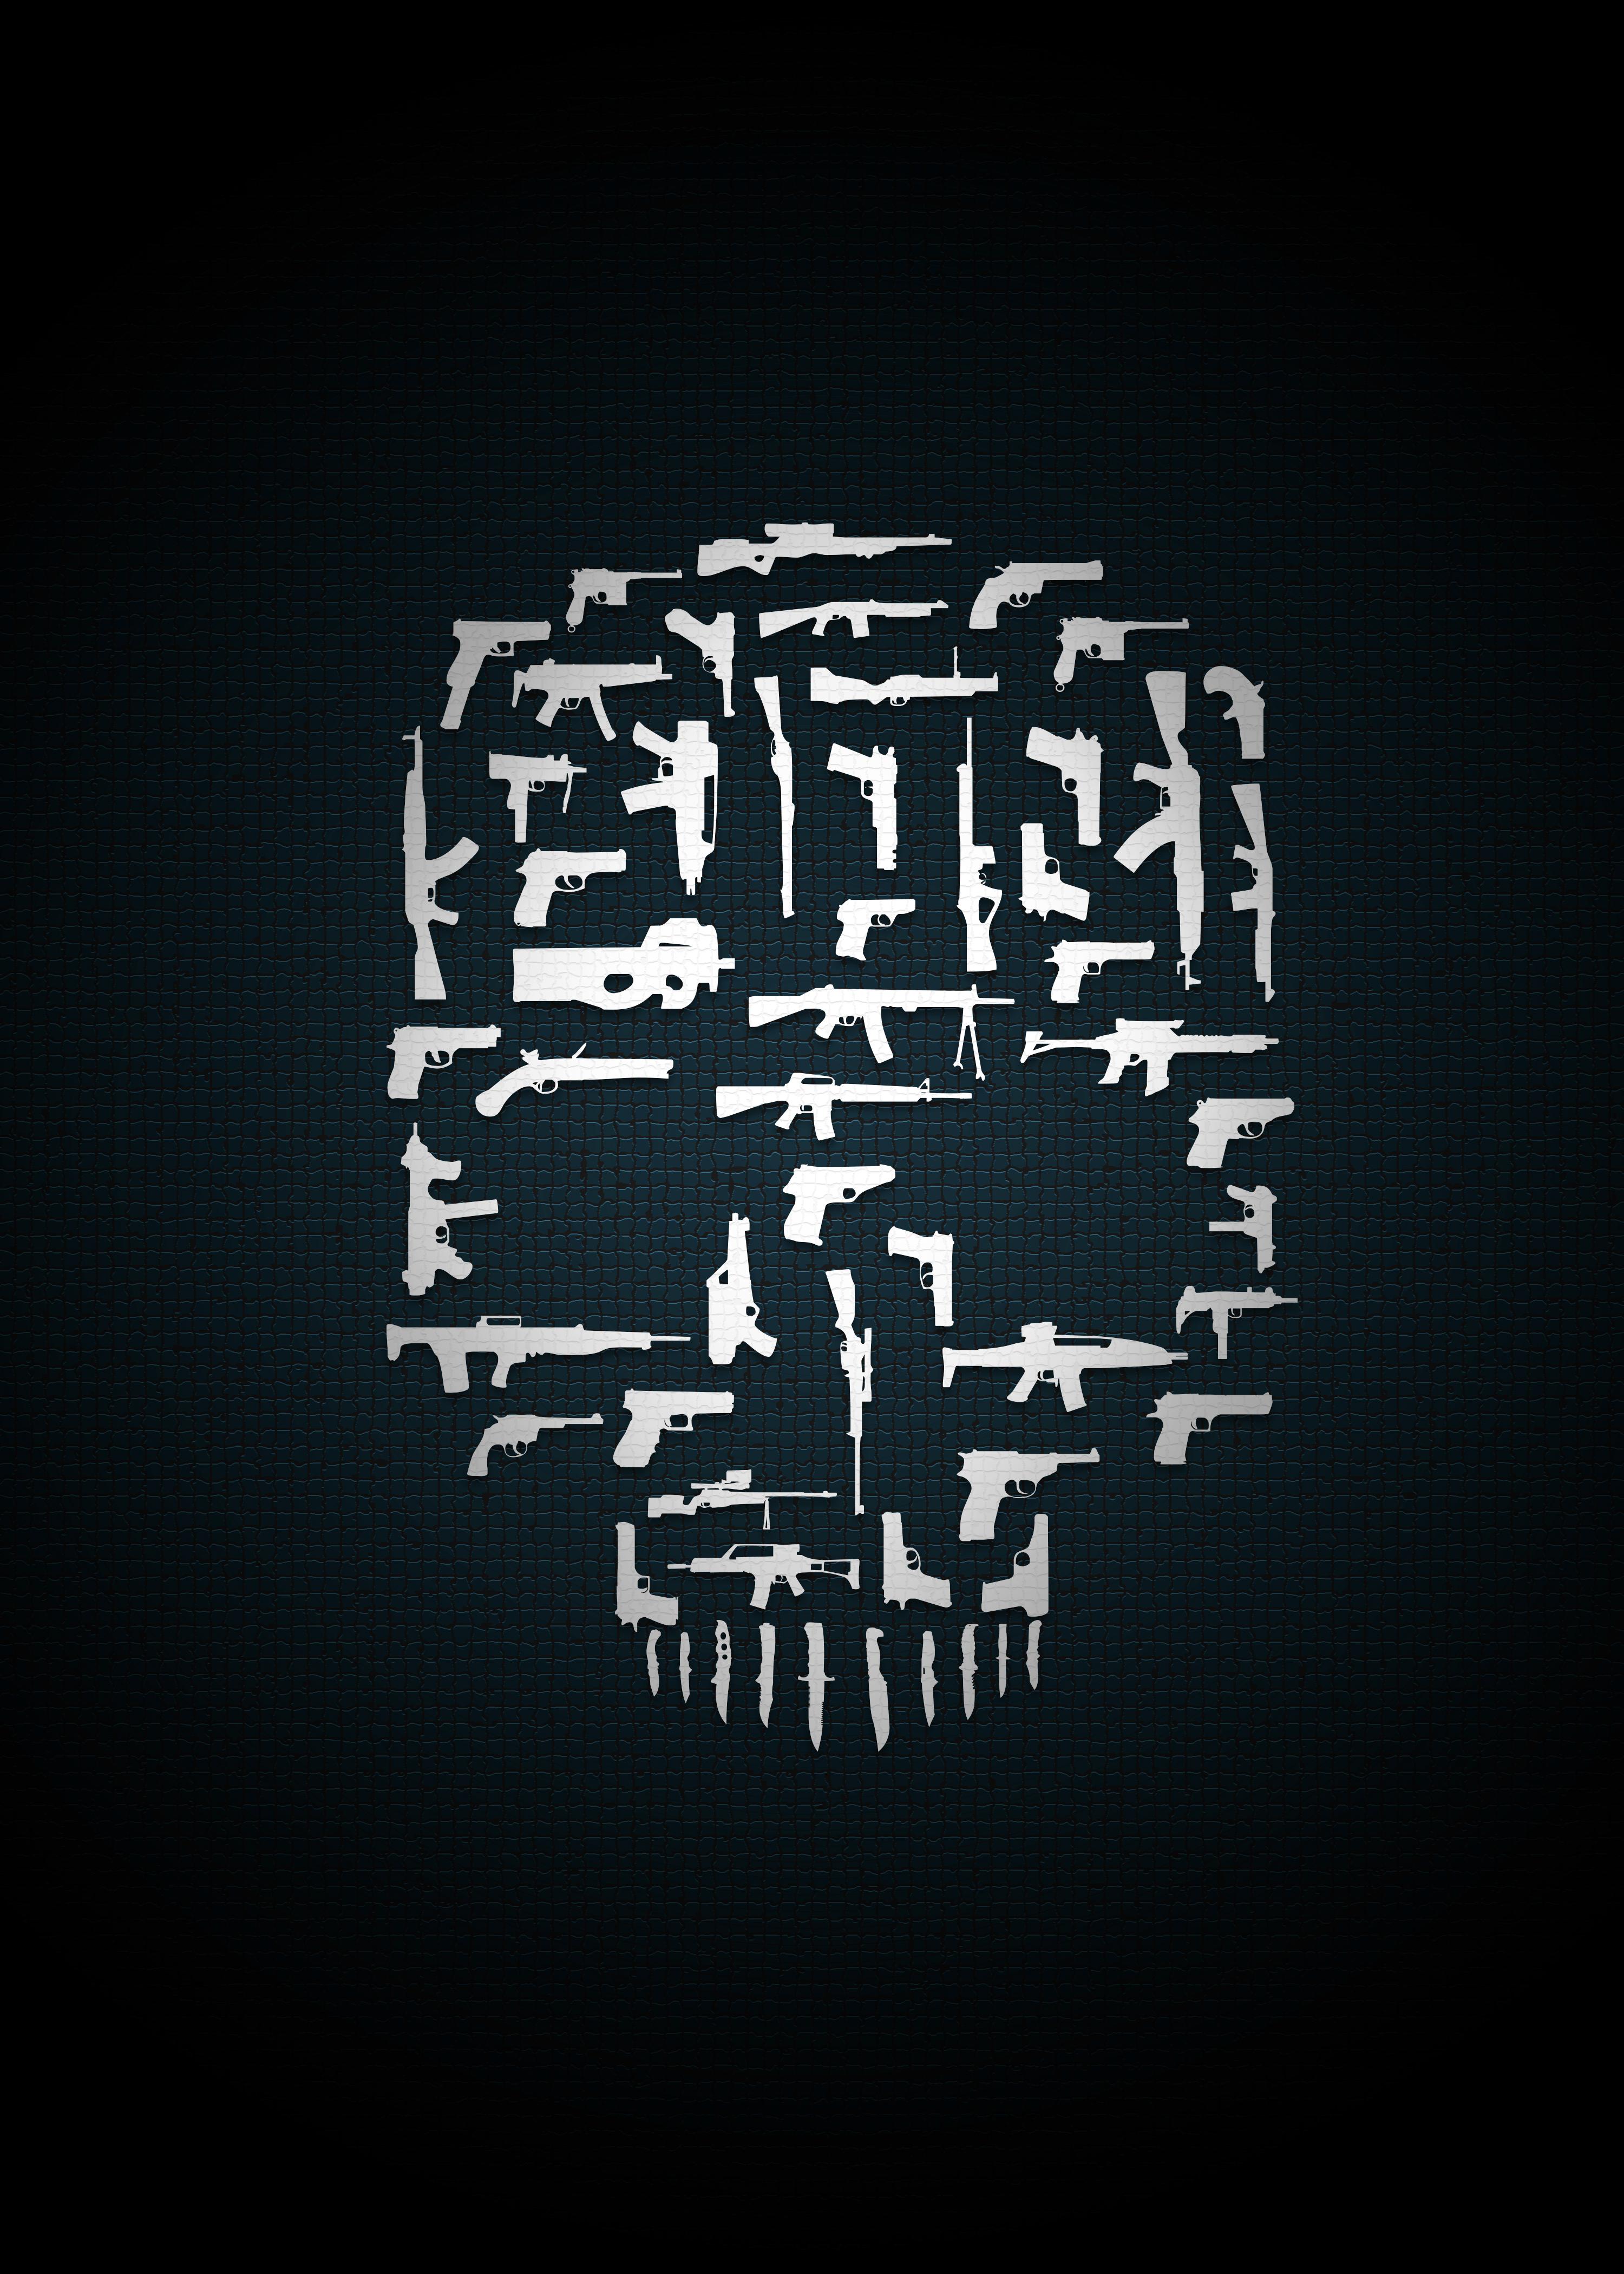 Cliche Skull of Guns